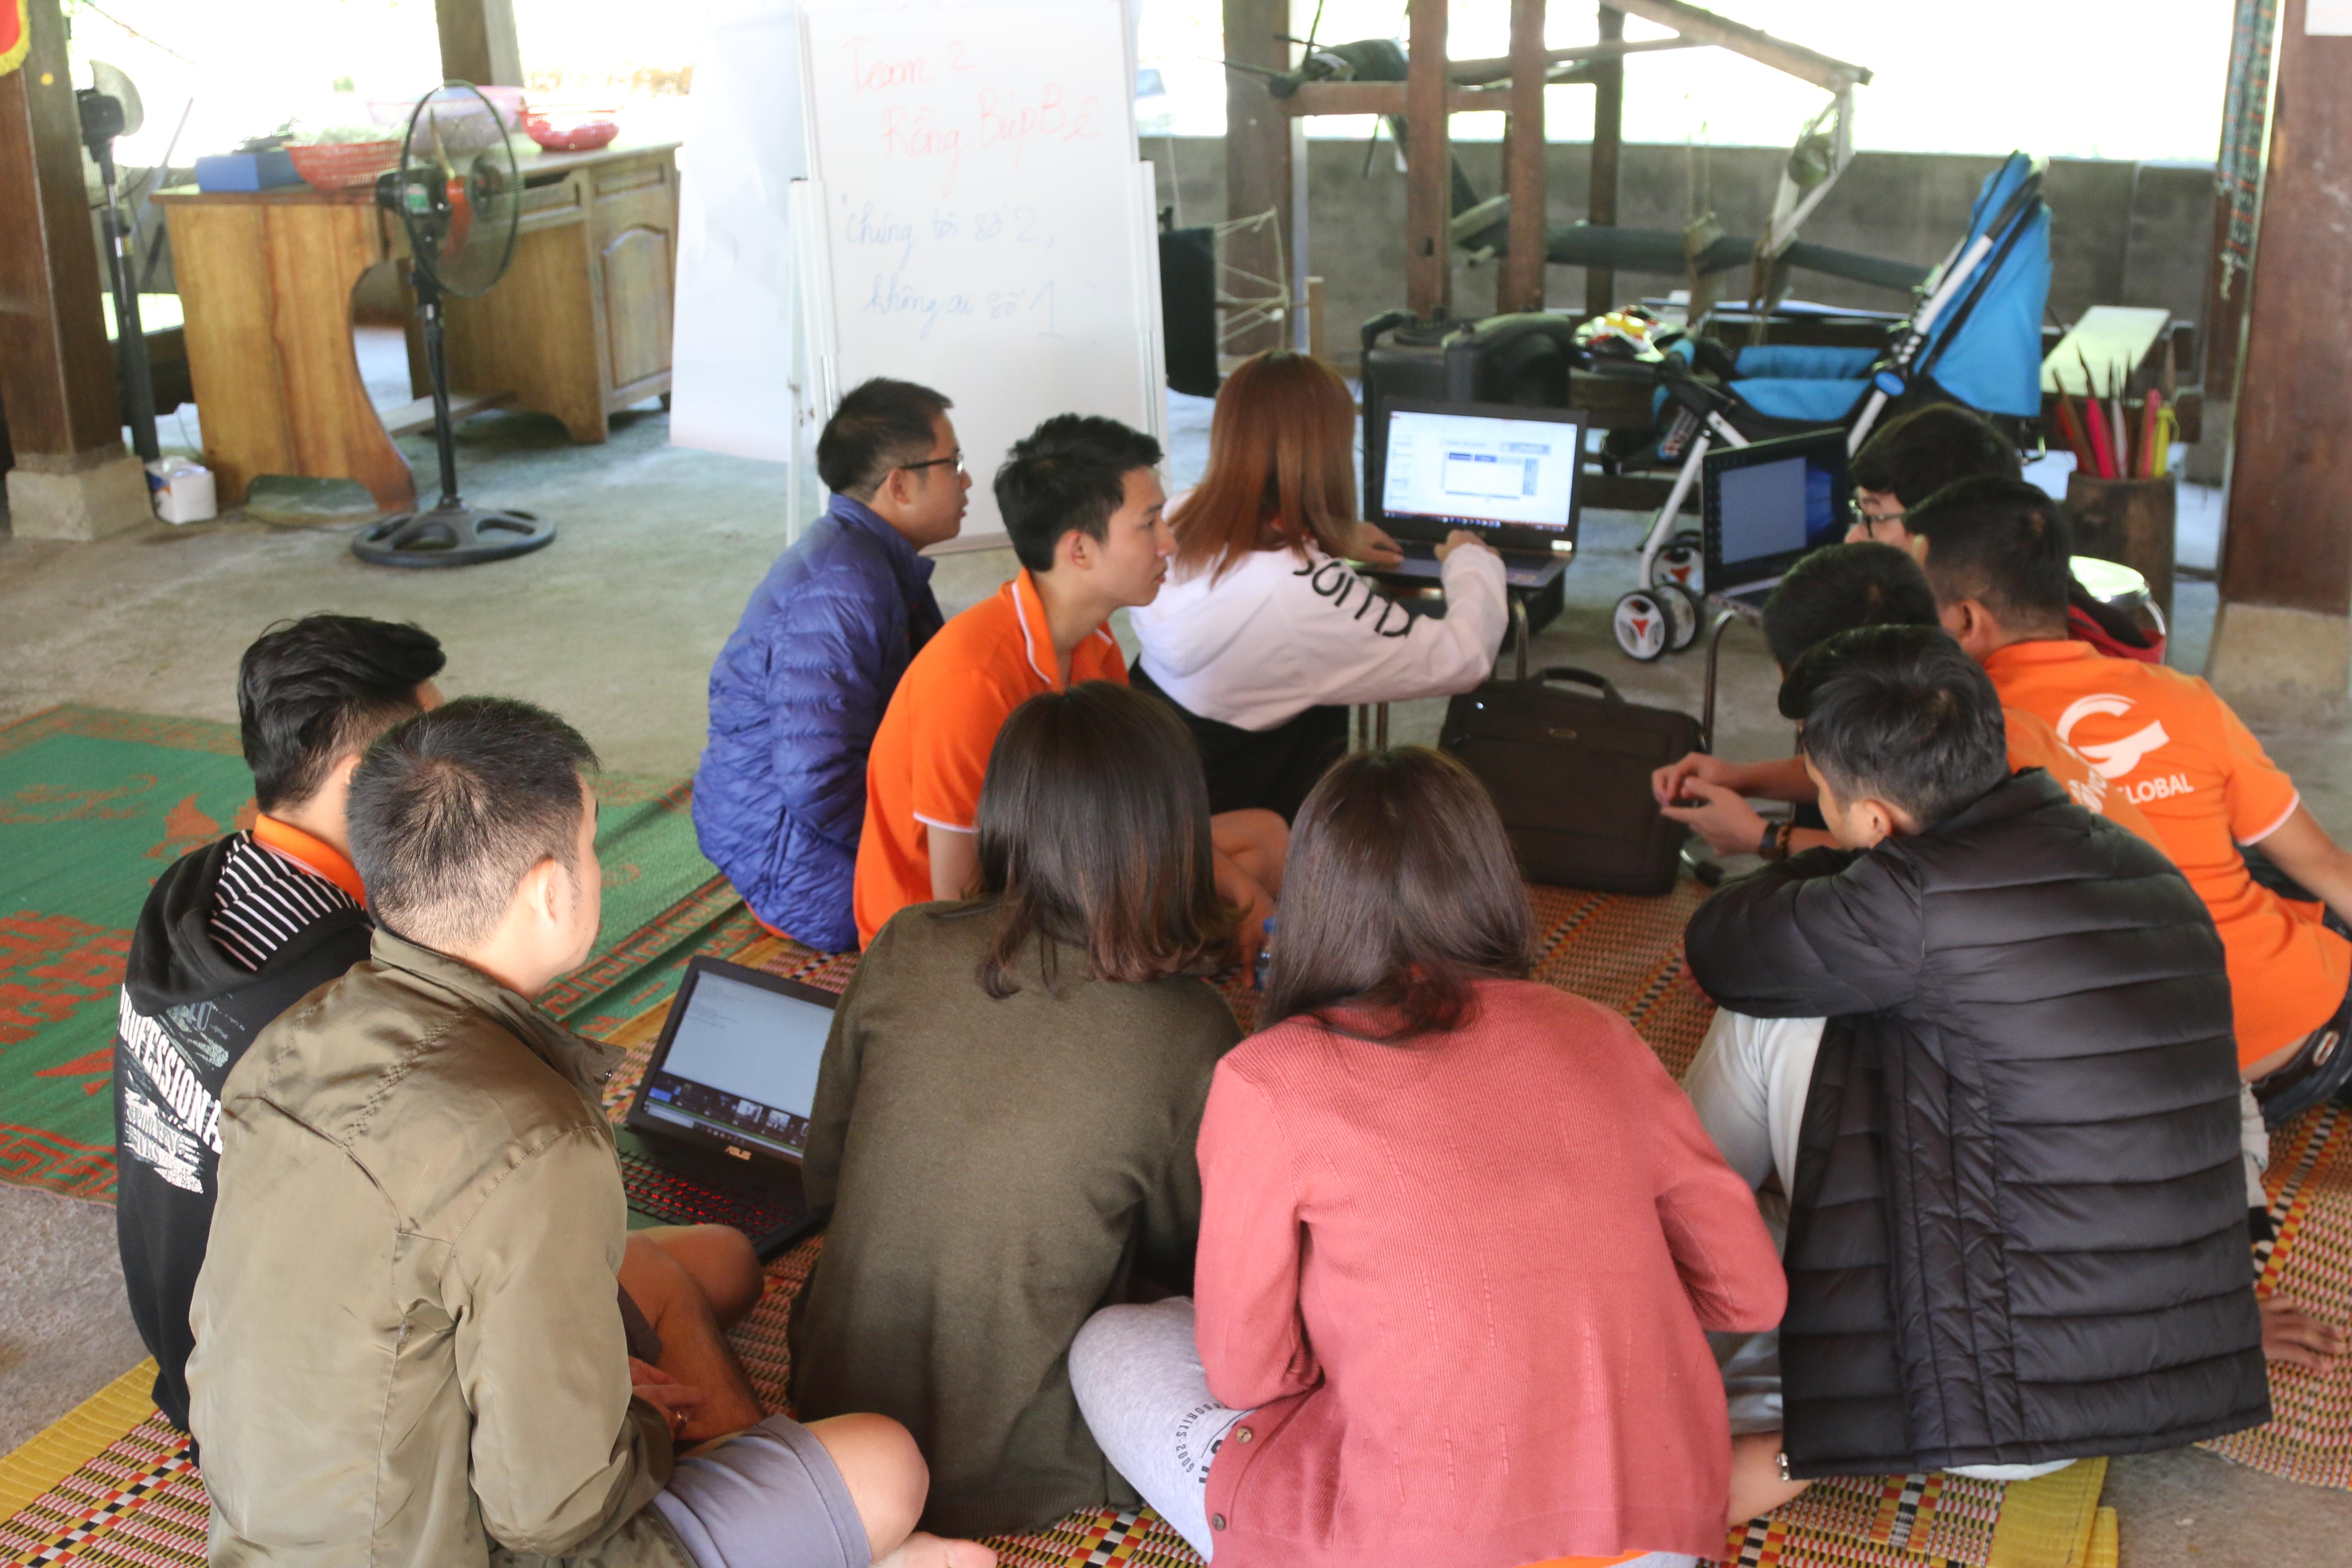 """Đại điện đội Rồng Búp bê là anh Quách Phượng Long khiến """"cả làng"""" phải vỗ tay hưởng ứng trong phần trình bày về ý tưởng cuộc thi Rung chuông vàng FPT Software. Sự kiện này được đội 2 ví như sự kiện mở màn, đánh một hồi chuông thức tỉnh tất cả sự kiện của năm 2019. Cuộc thi có quy mô dành cho khoảng 100 người với rất nhiều câu hỏi liên quan đến kiến thức công nghệ và hiểu biết chung về FPT Software. Theo đội Rồng Búp bê, đây là chương trình độc đáo, thể hiện một chuỗi sự kiện của FPT Software trong năm, như một kênh thông tin sự kiện, gắn kết các thành viên nhà Phần mềm."""